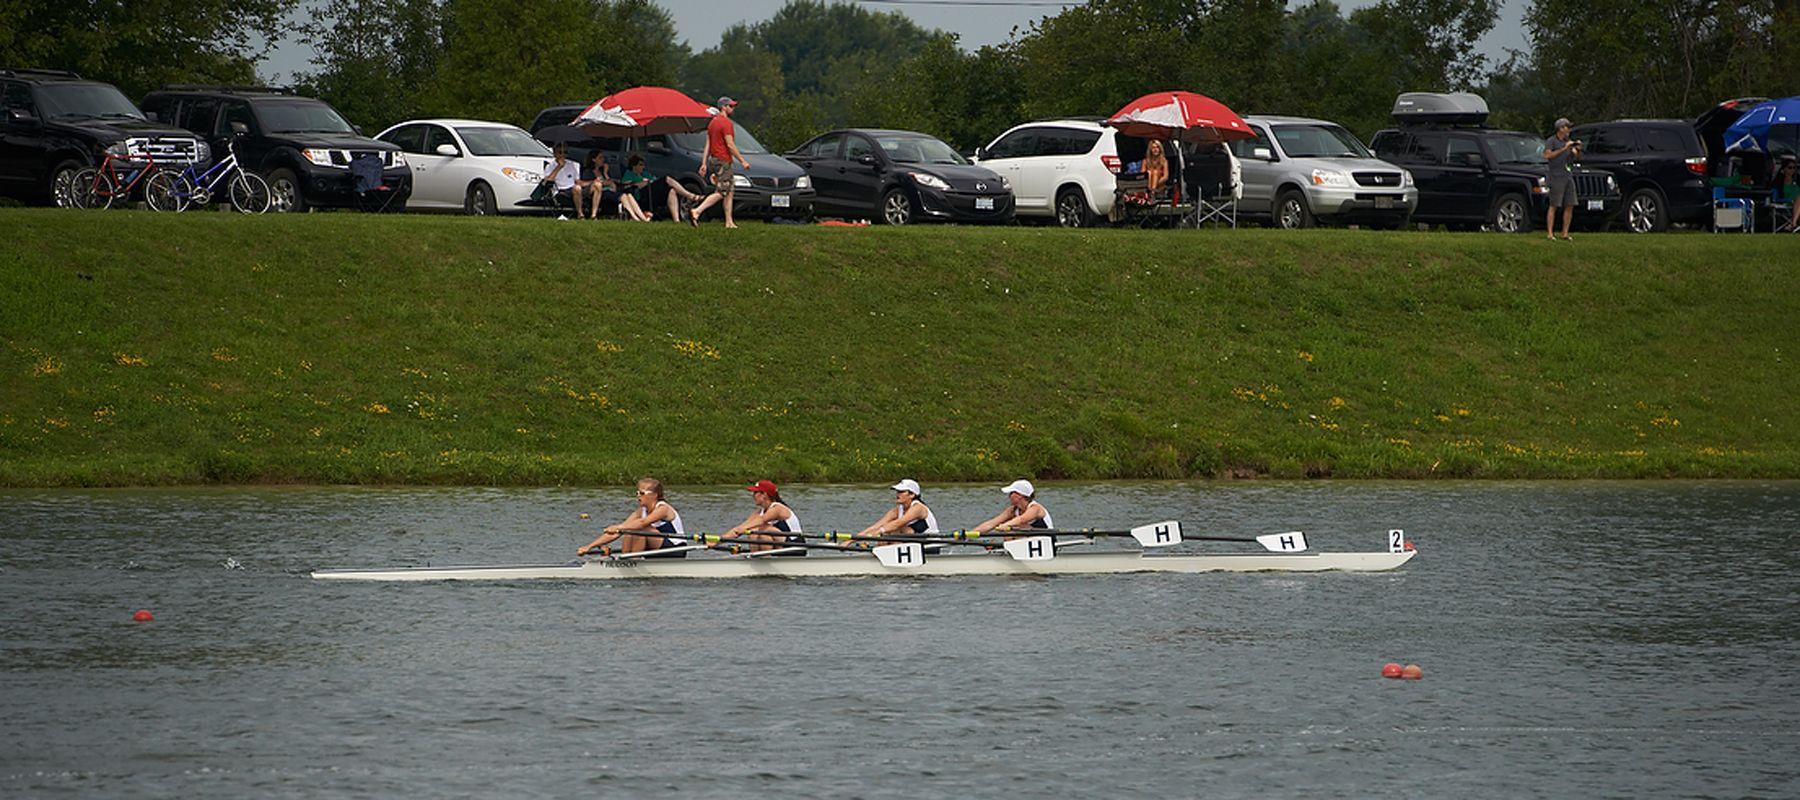 Near-the-finish-U19-women.jpg